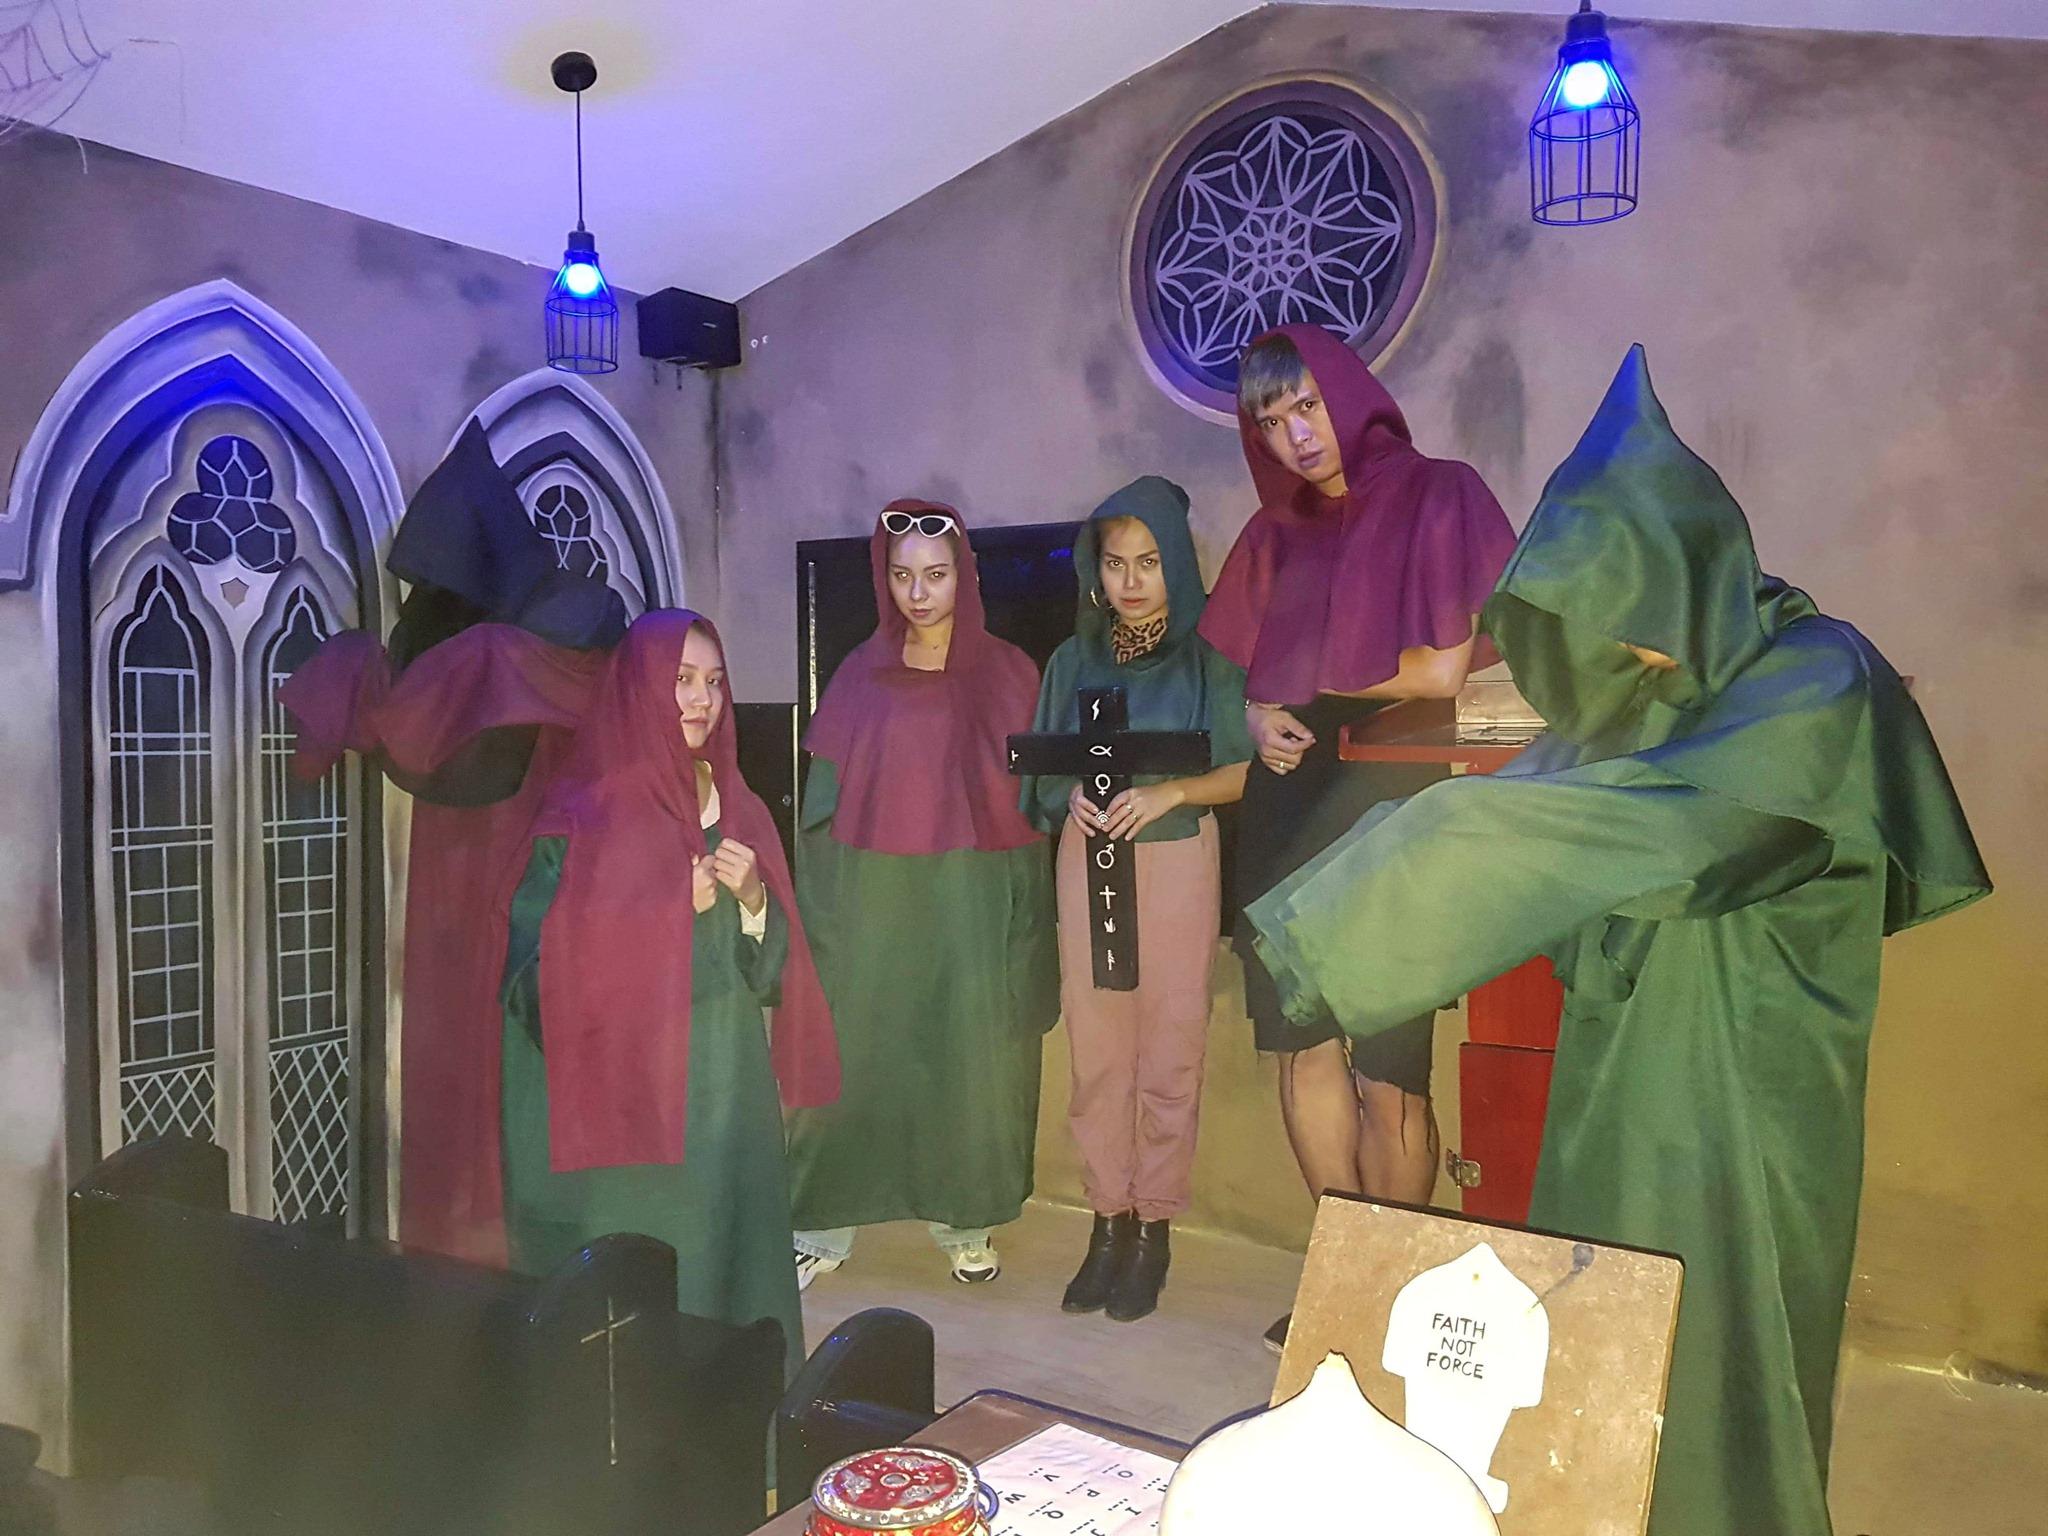 Những địa chỉ chơi game nhập vai Escape The Room gây sốt mùa Halloween năm nay  - Ảnh 7.